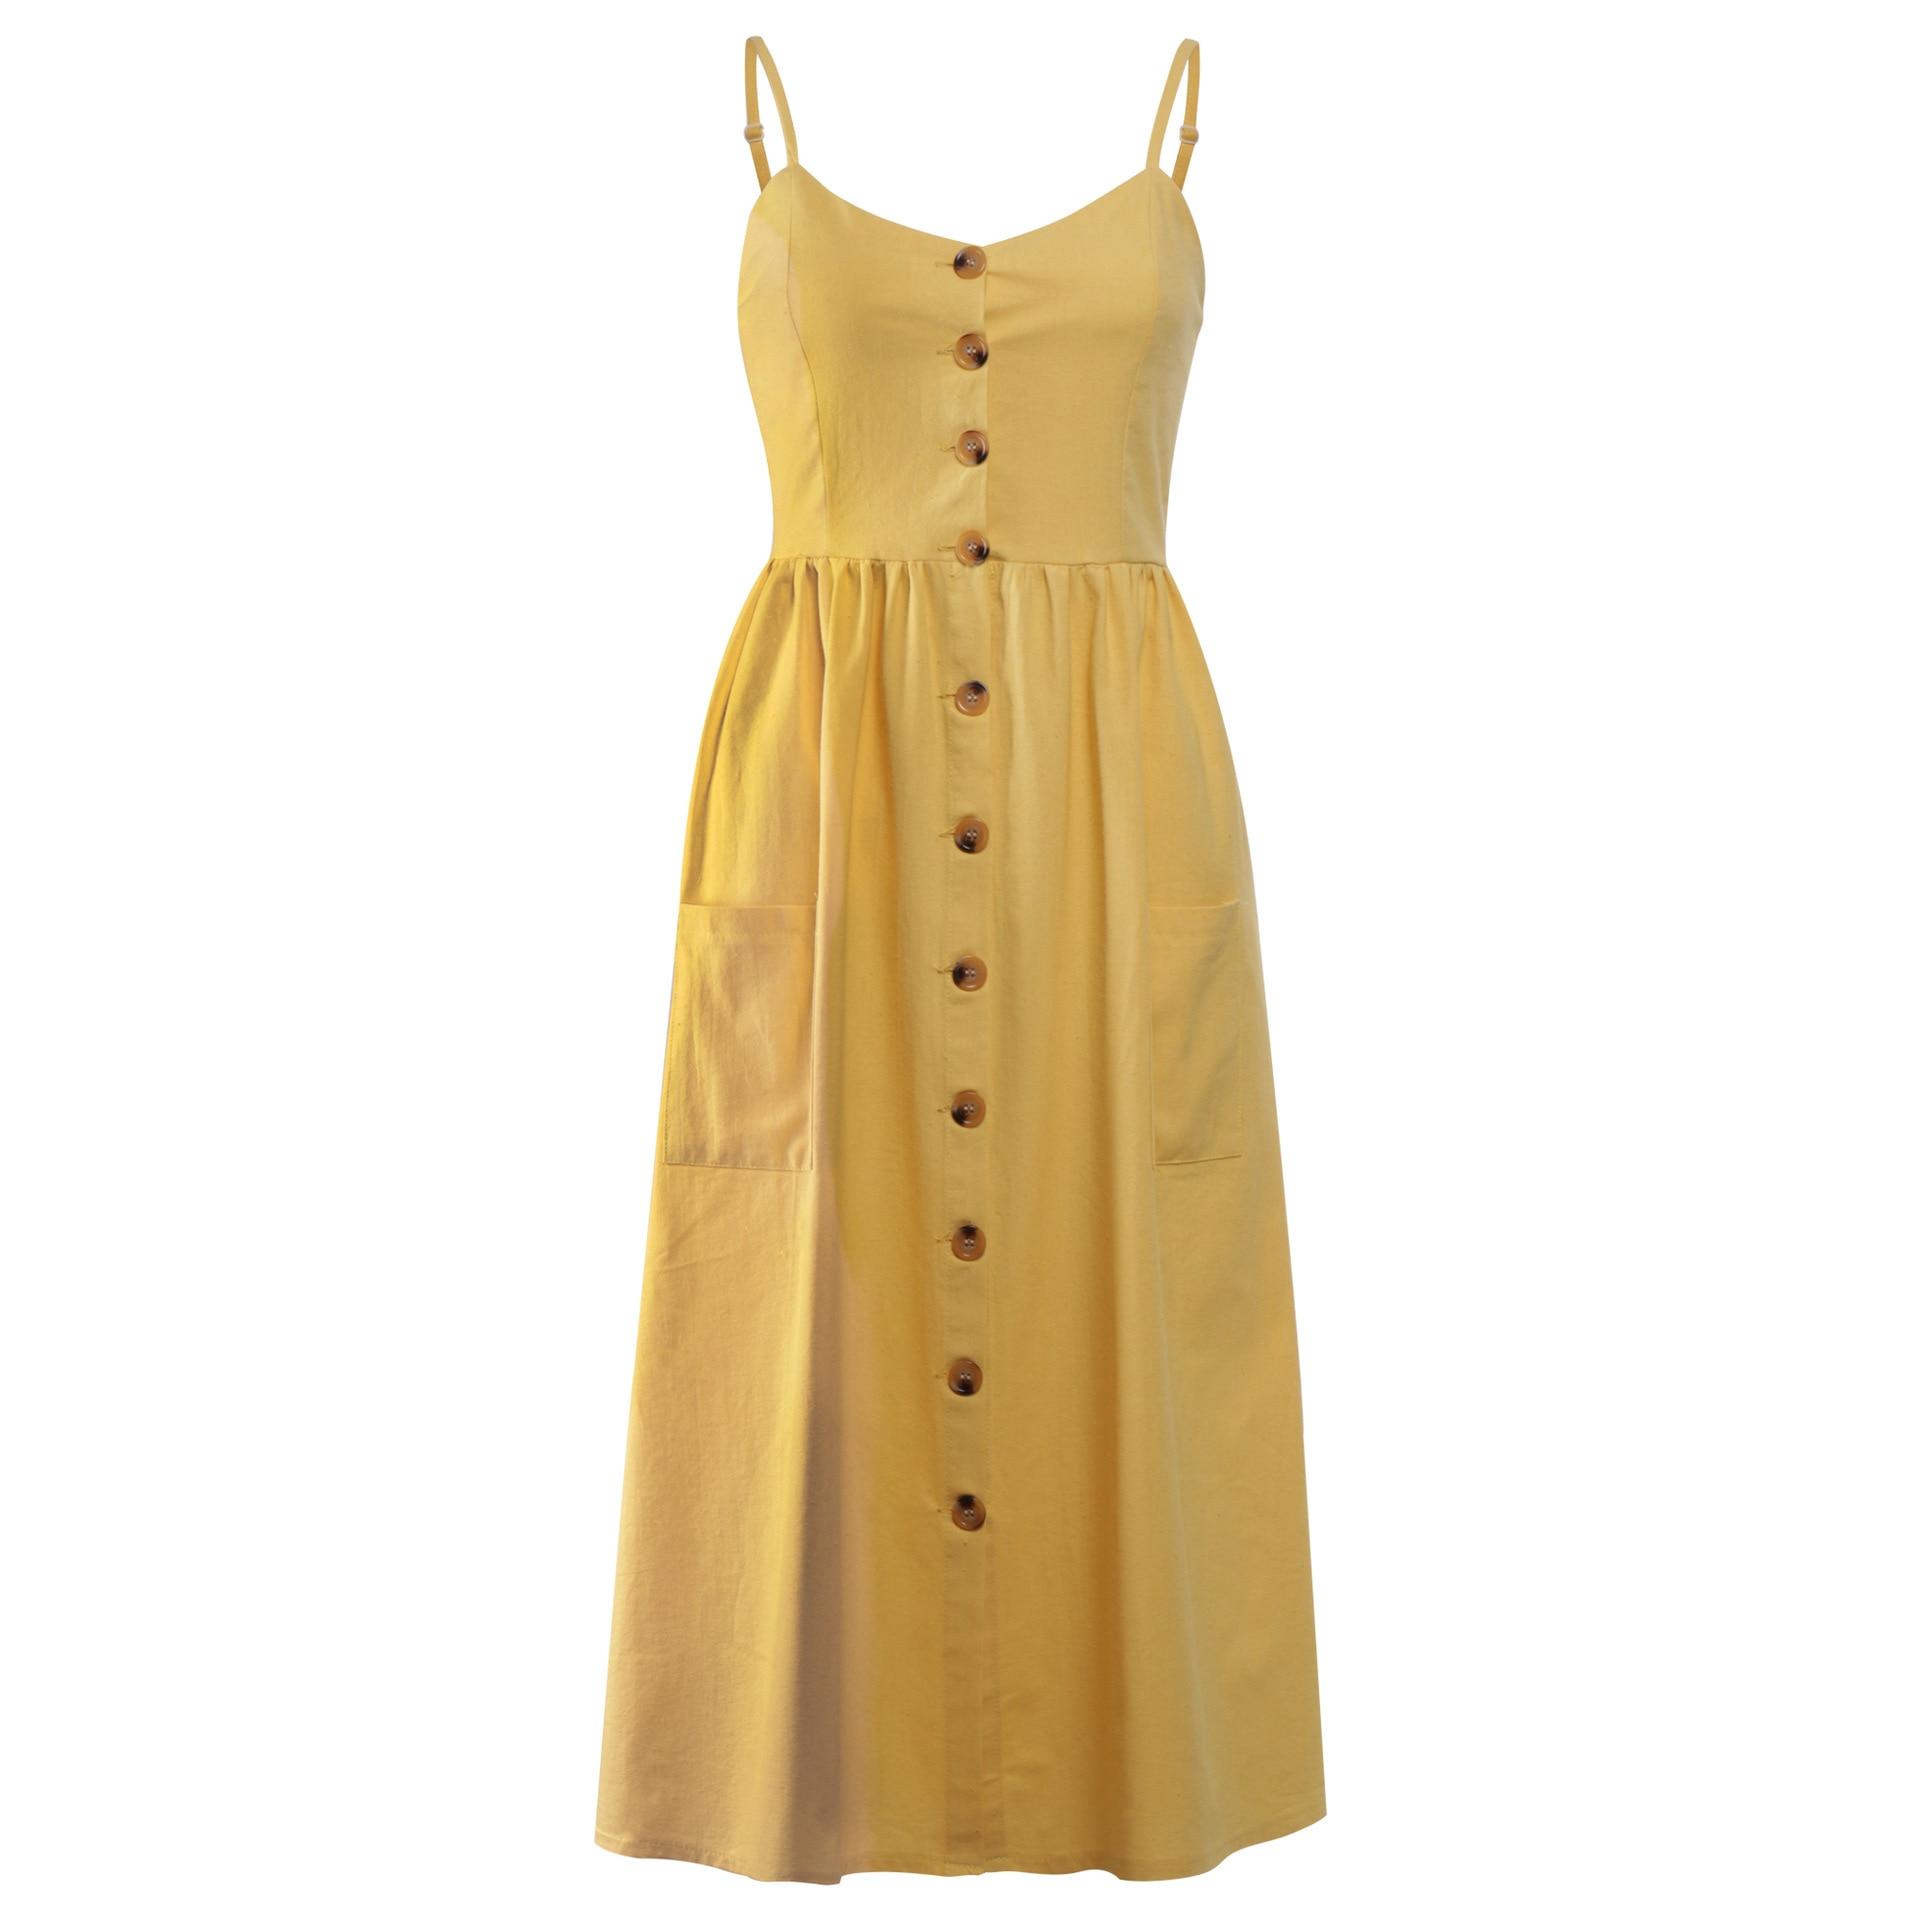 Button Striped Print Cotton Linen Casual Summer Dress 19 Sexy Spaghetti Strap V-neck Off Shoulder Women Midi Dress Vestidos 12